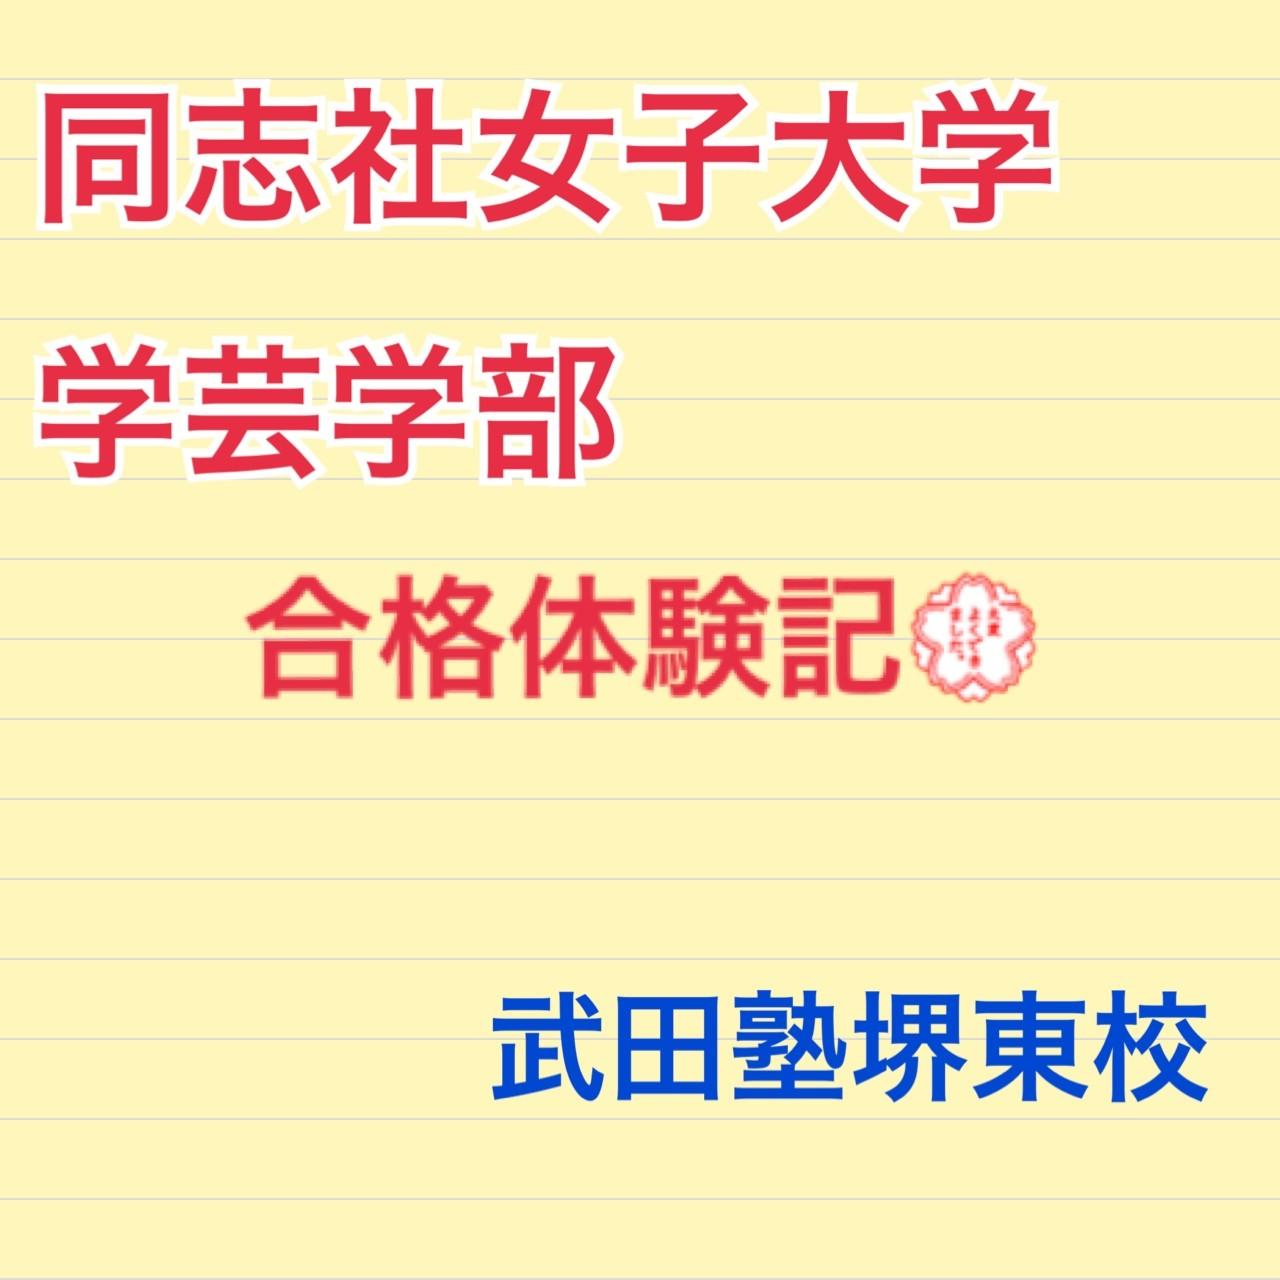 image0 (11)